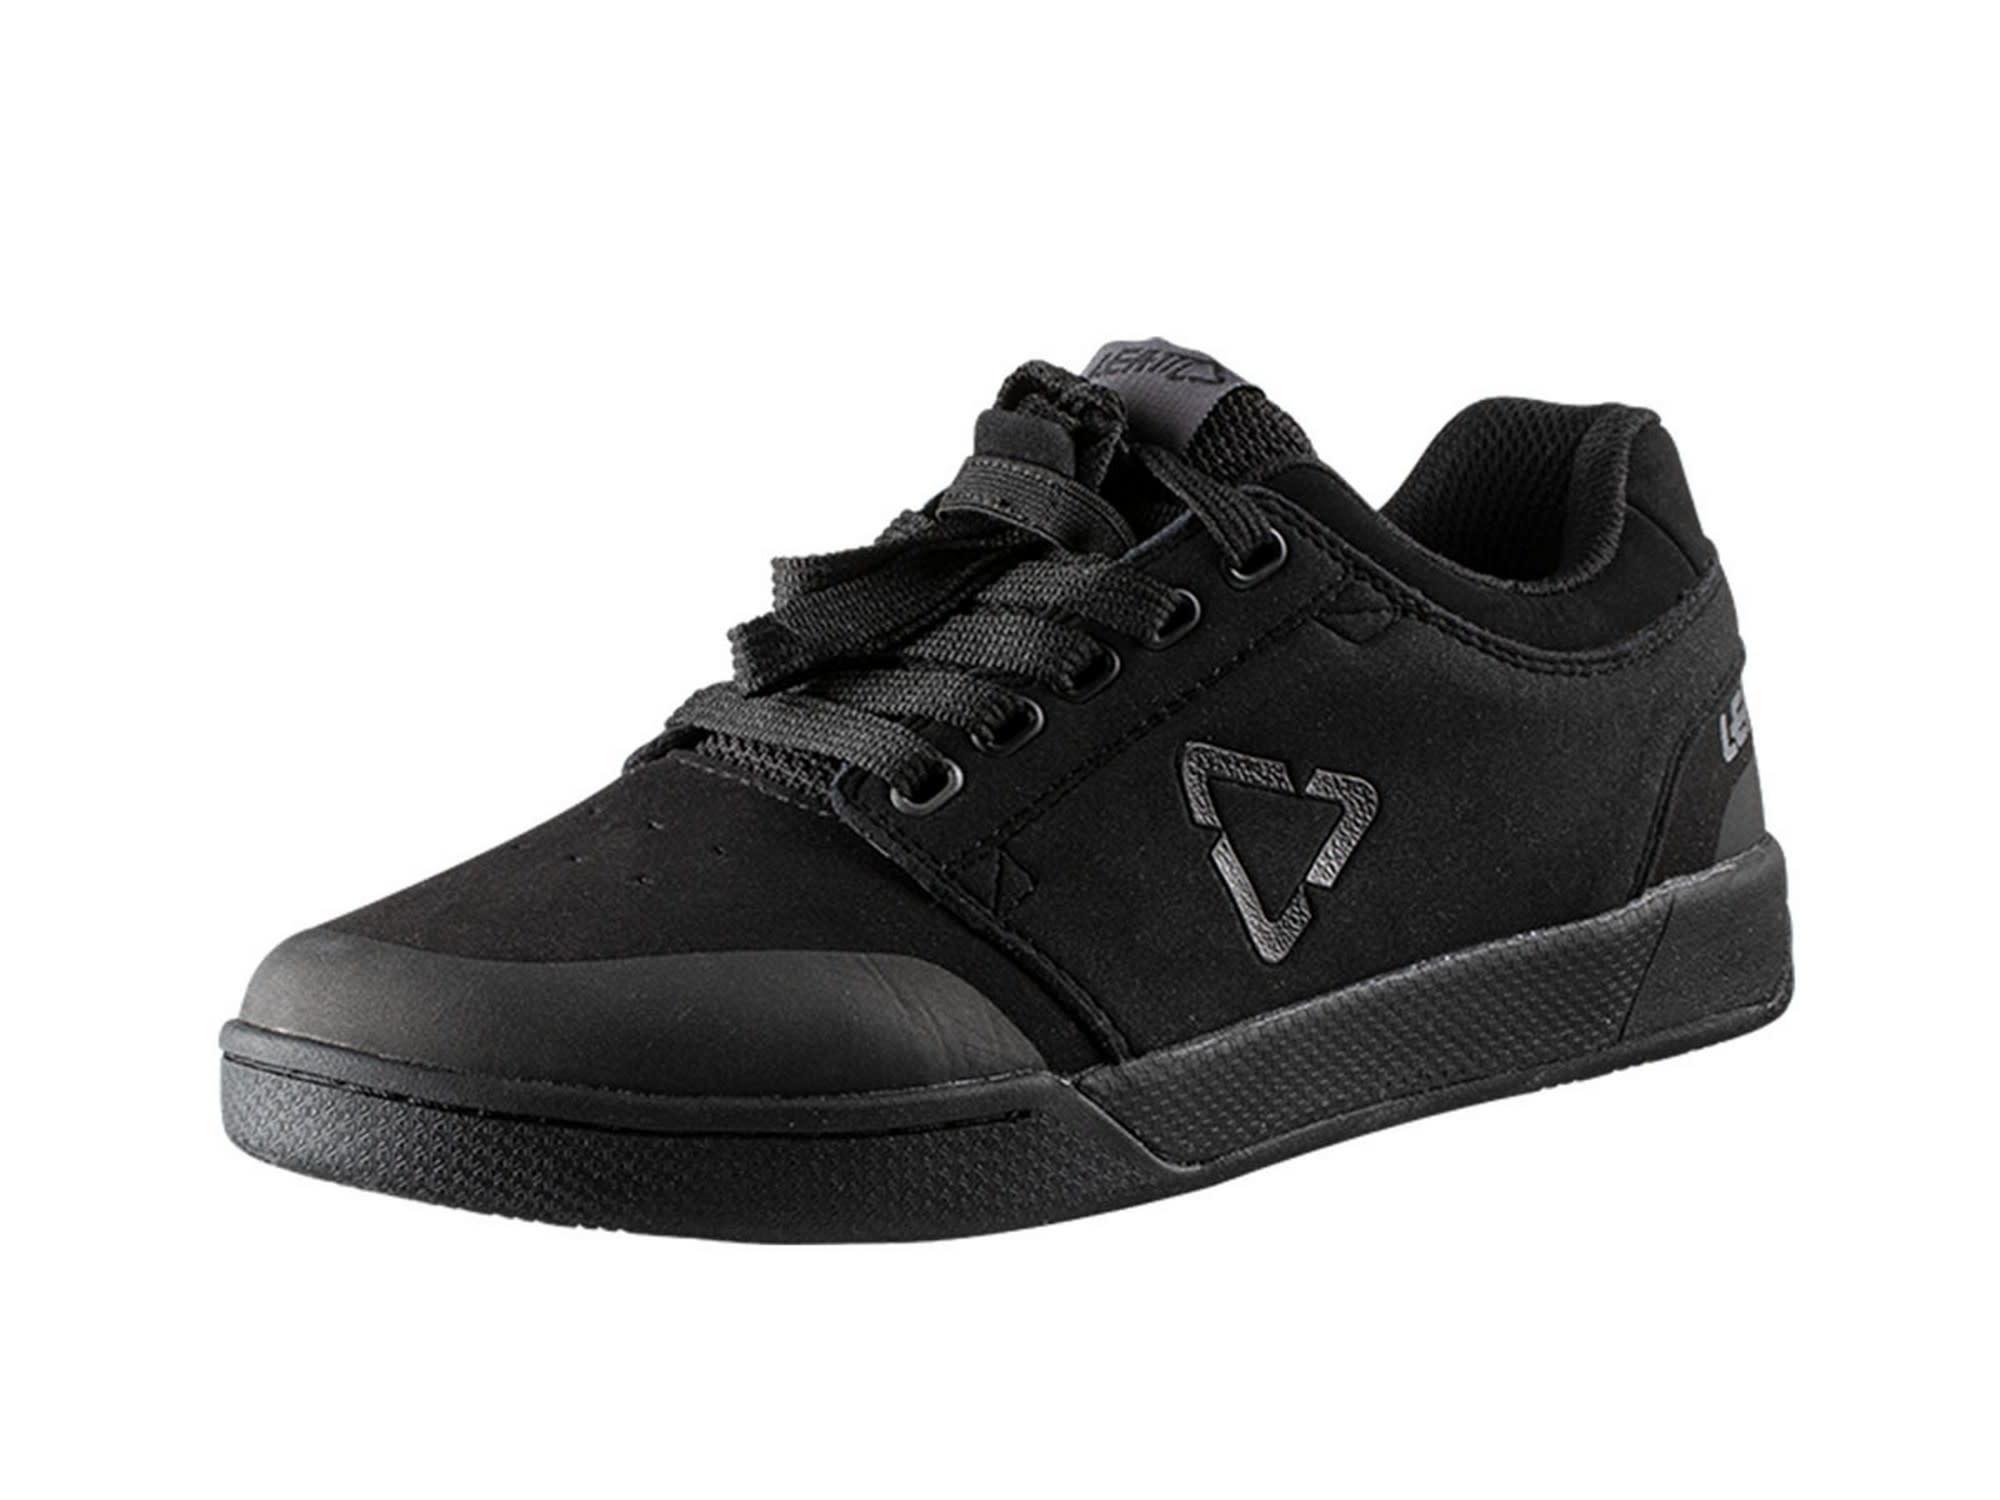 Leatt DBX 2.0 Shoes, Black - 9.5 (EU43.5)